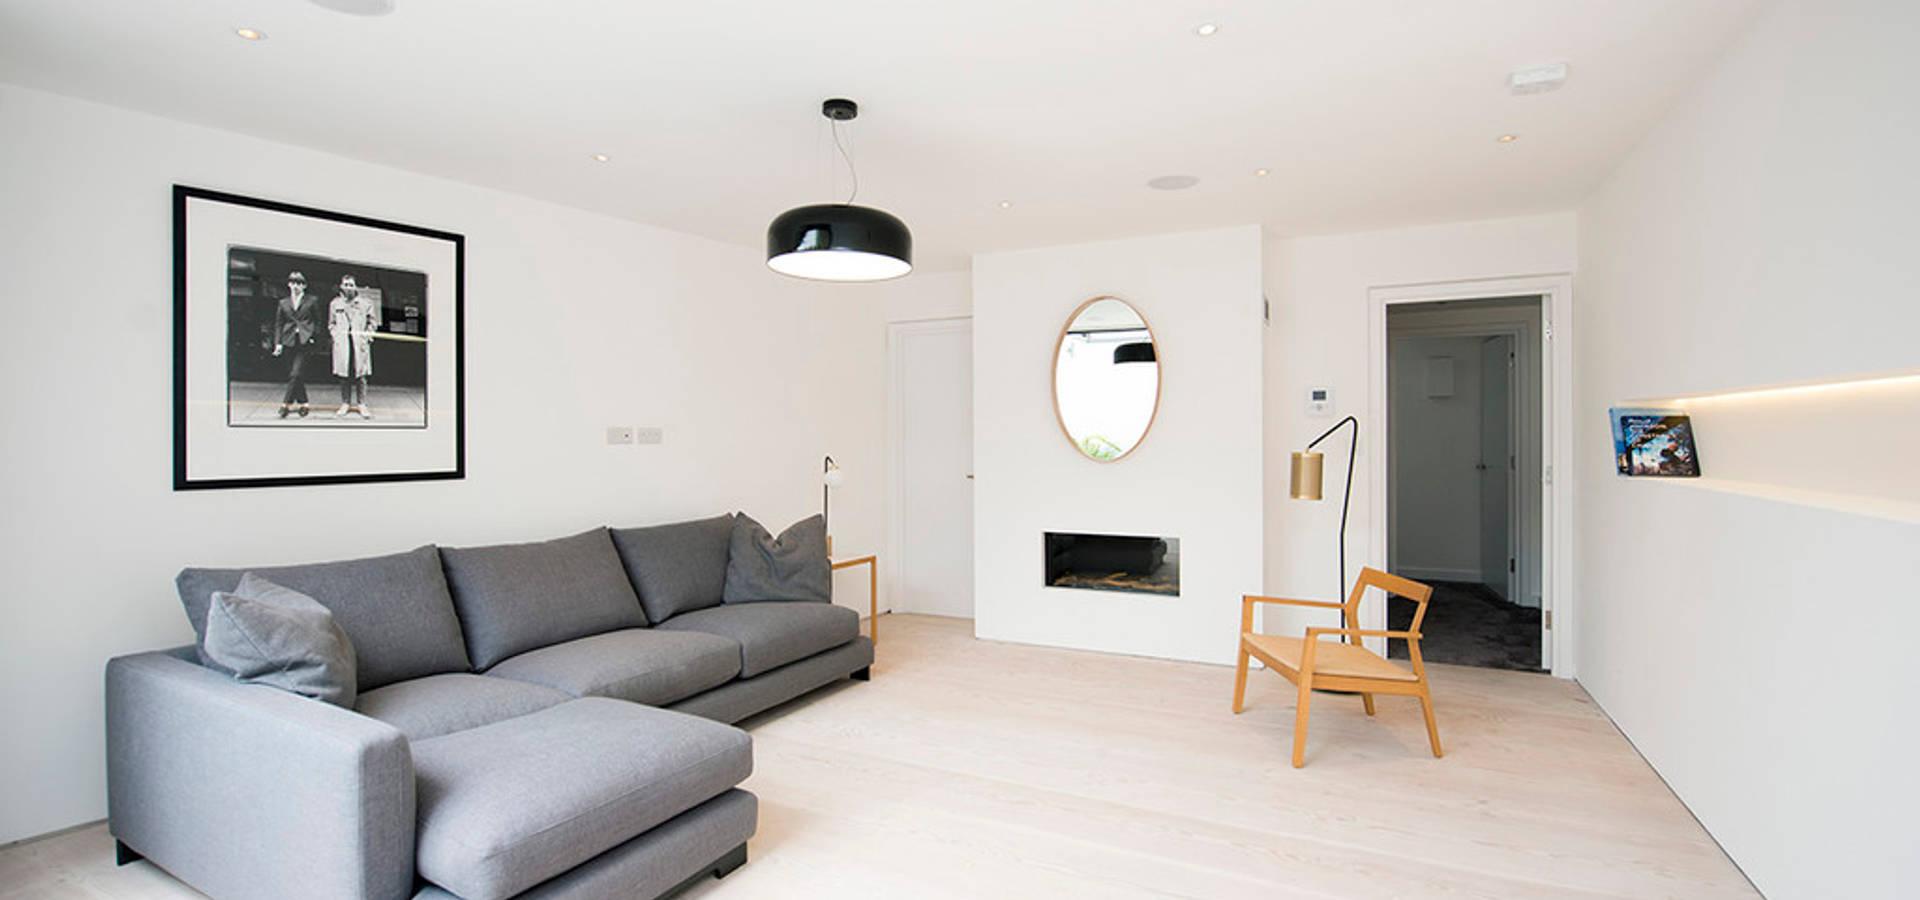 GPAD Architecture U0026amp; Interior Design